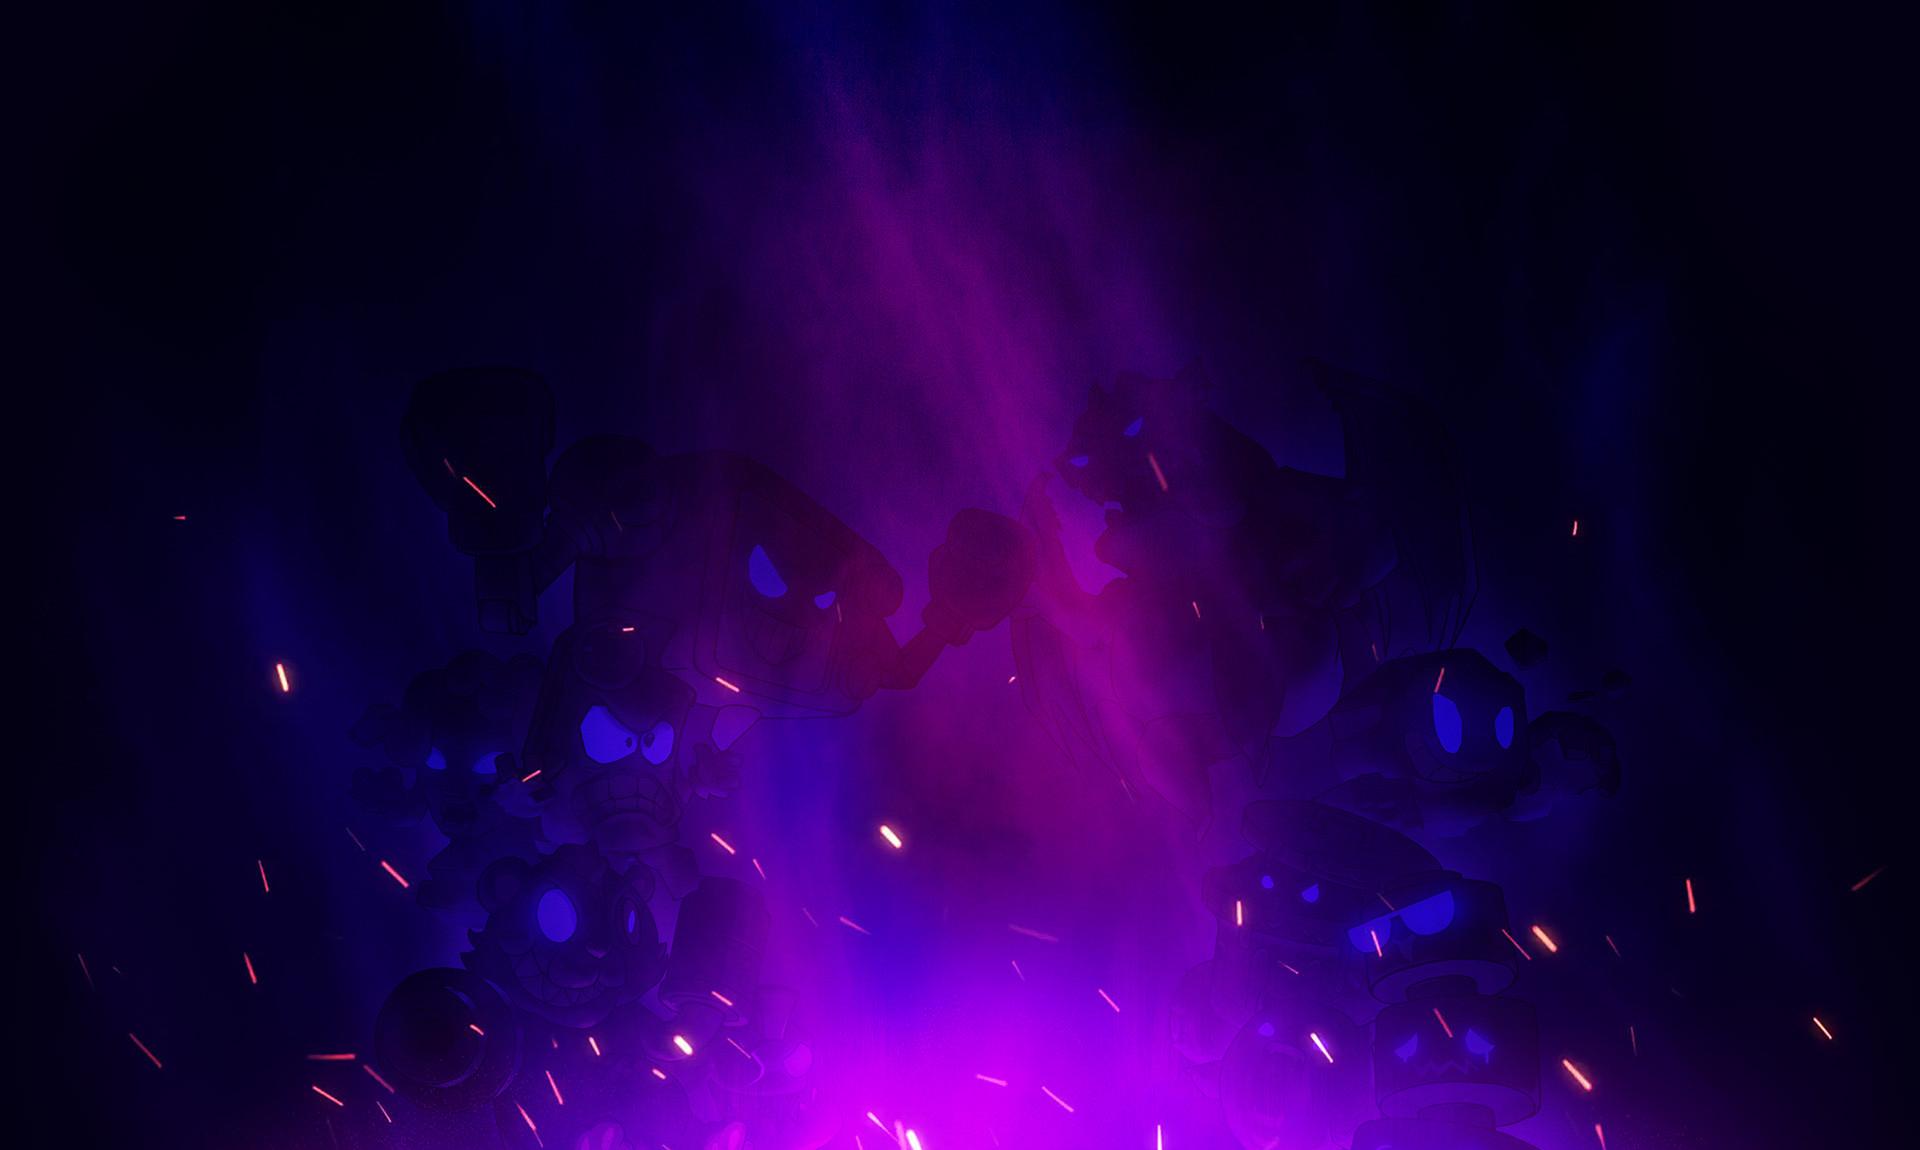 neon_banner_hero_bg.jpg